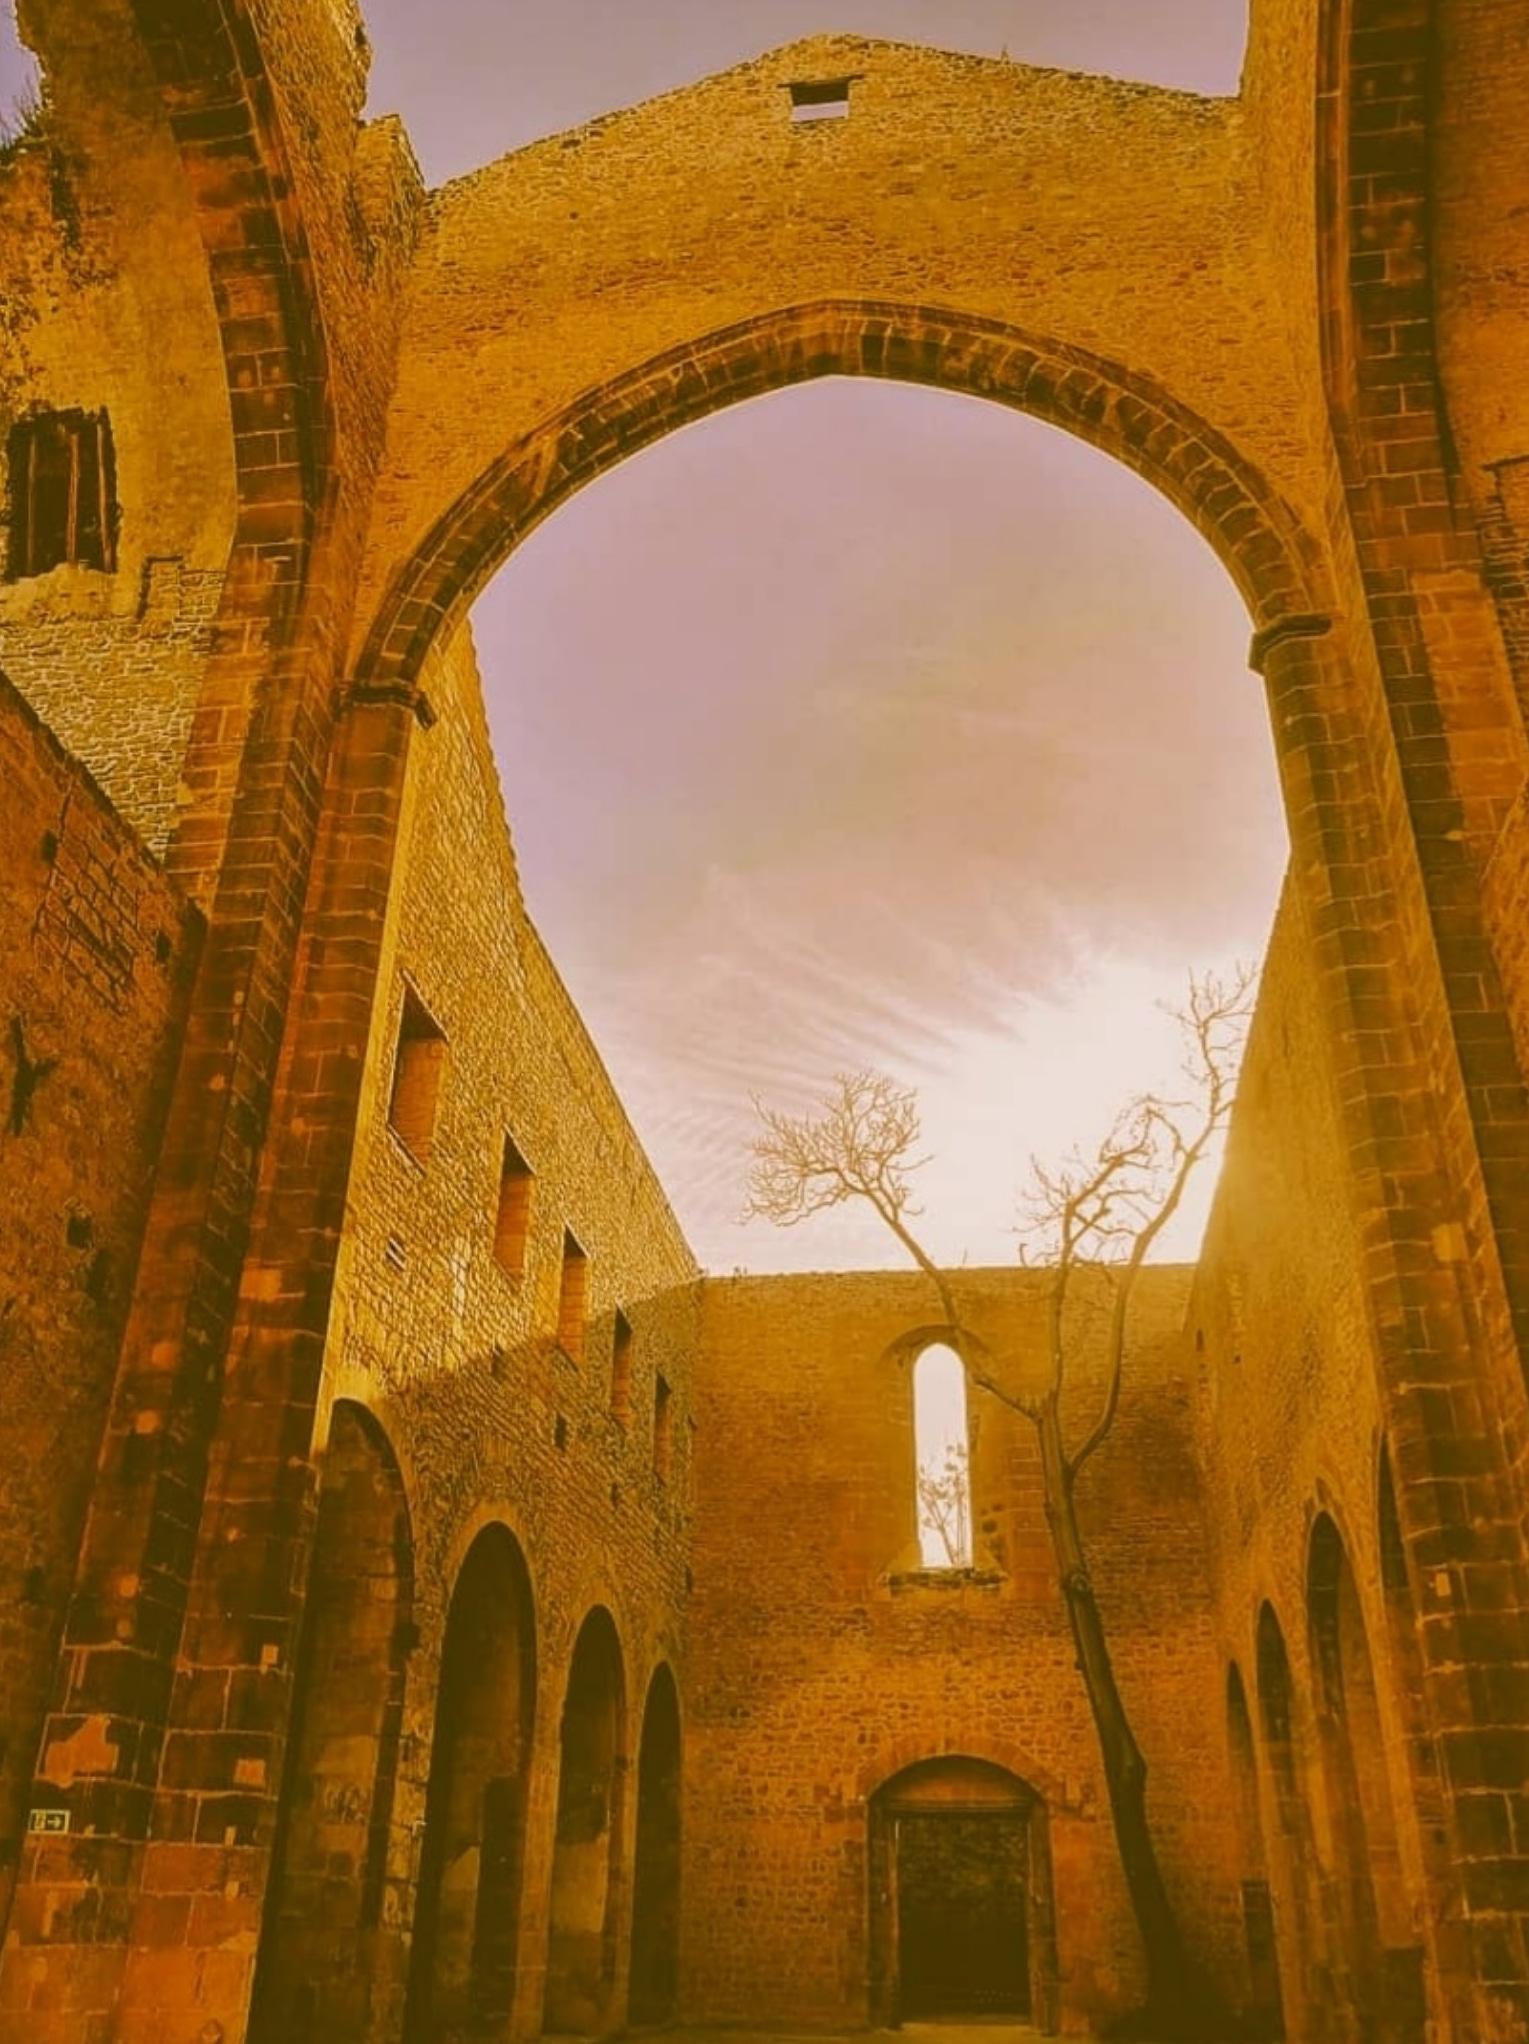 Chiesa dello Spasimo - Palermo: foto ©Enrico Alagna